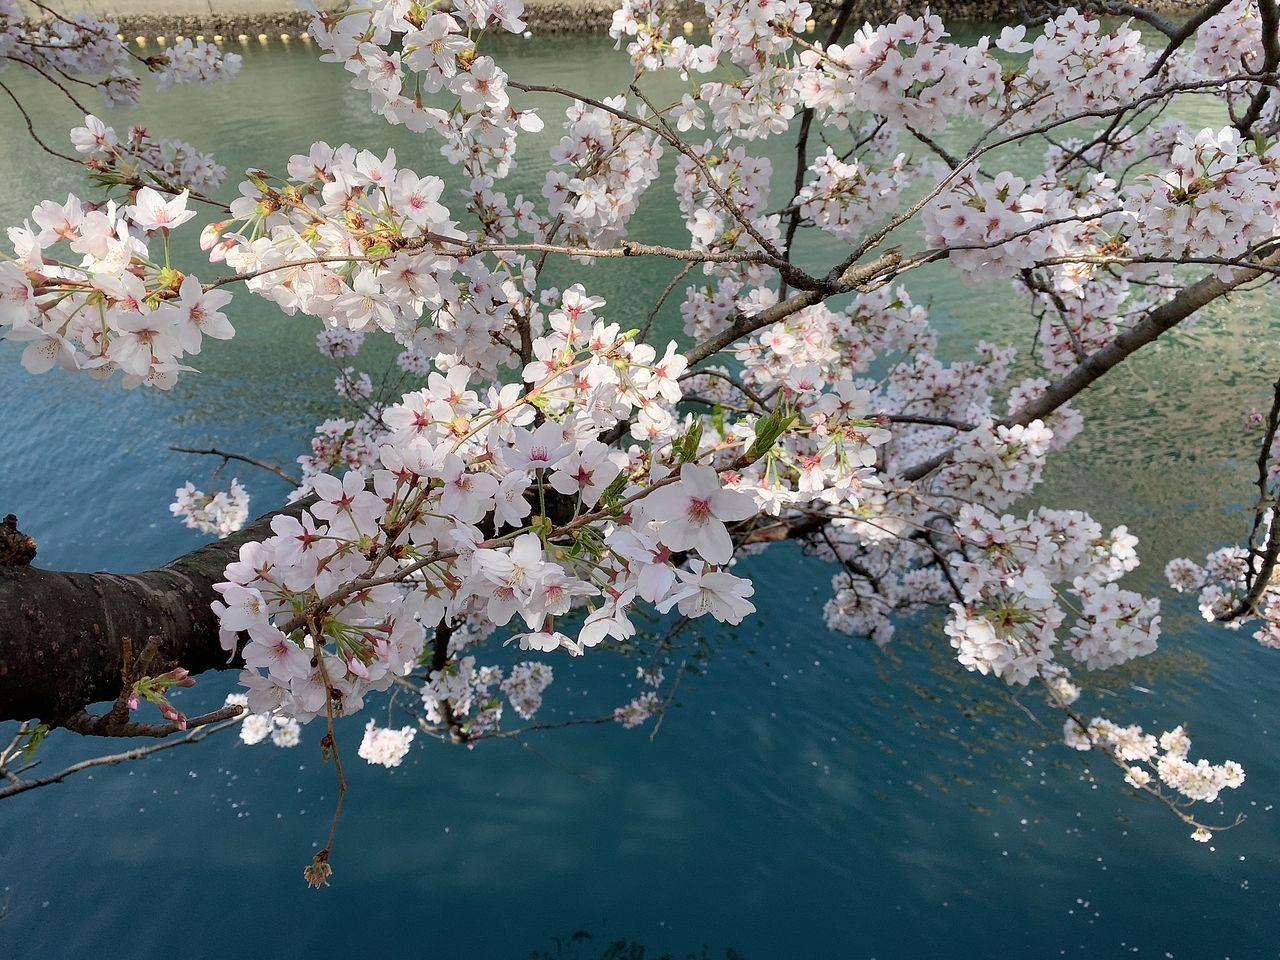 2021年3月27日の大岡川の桜